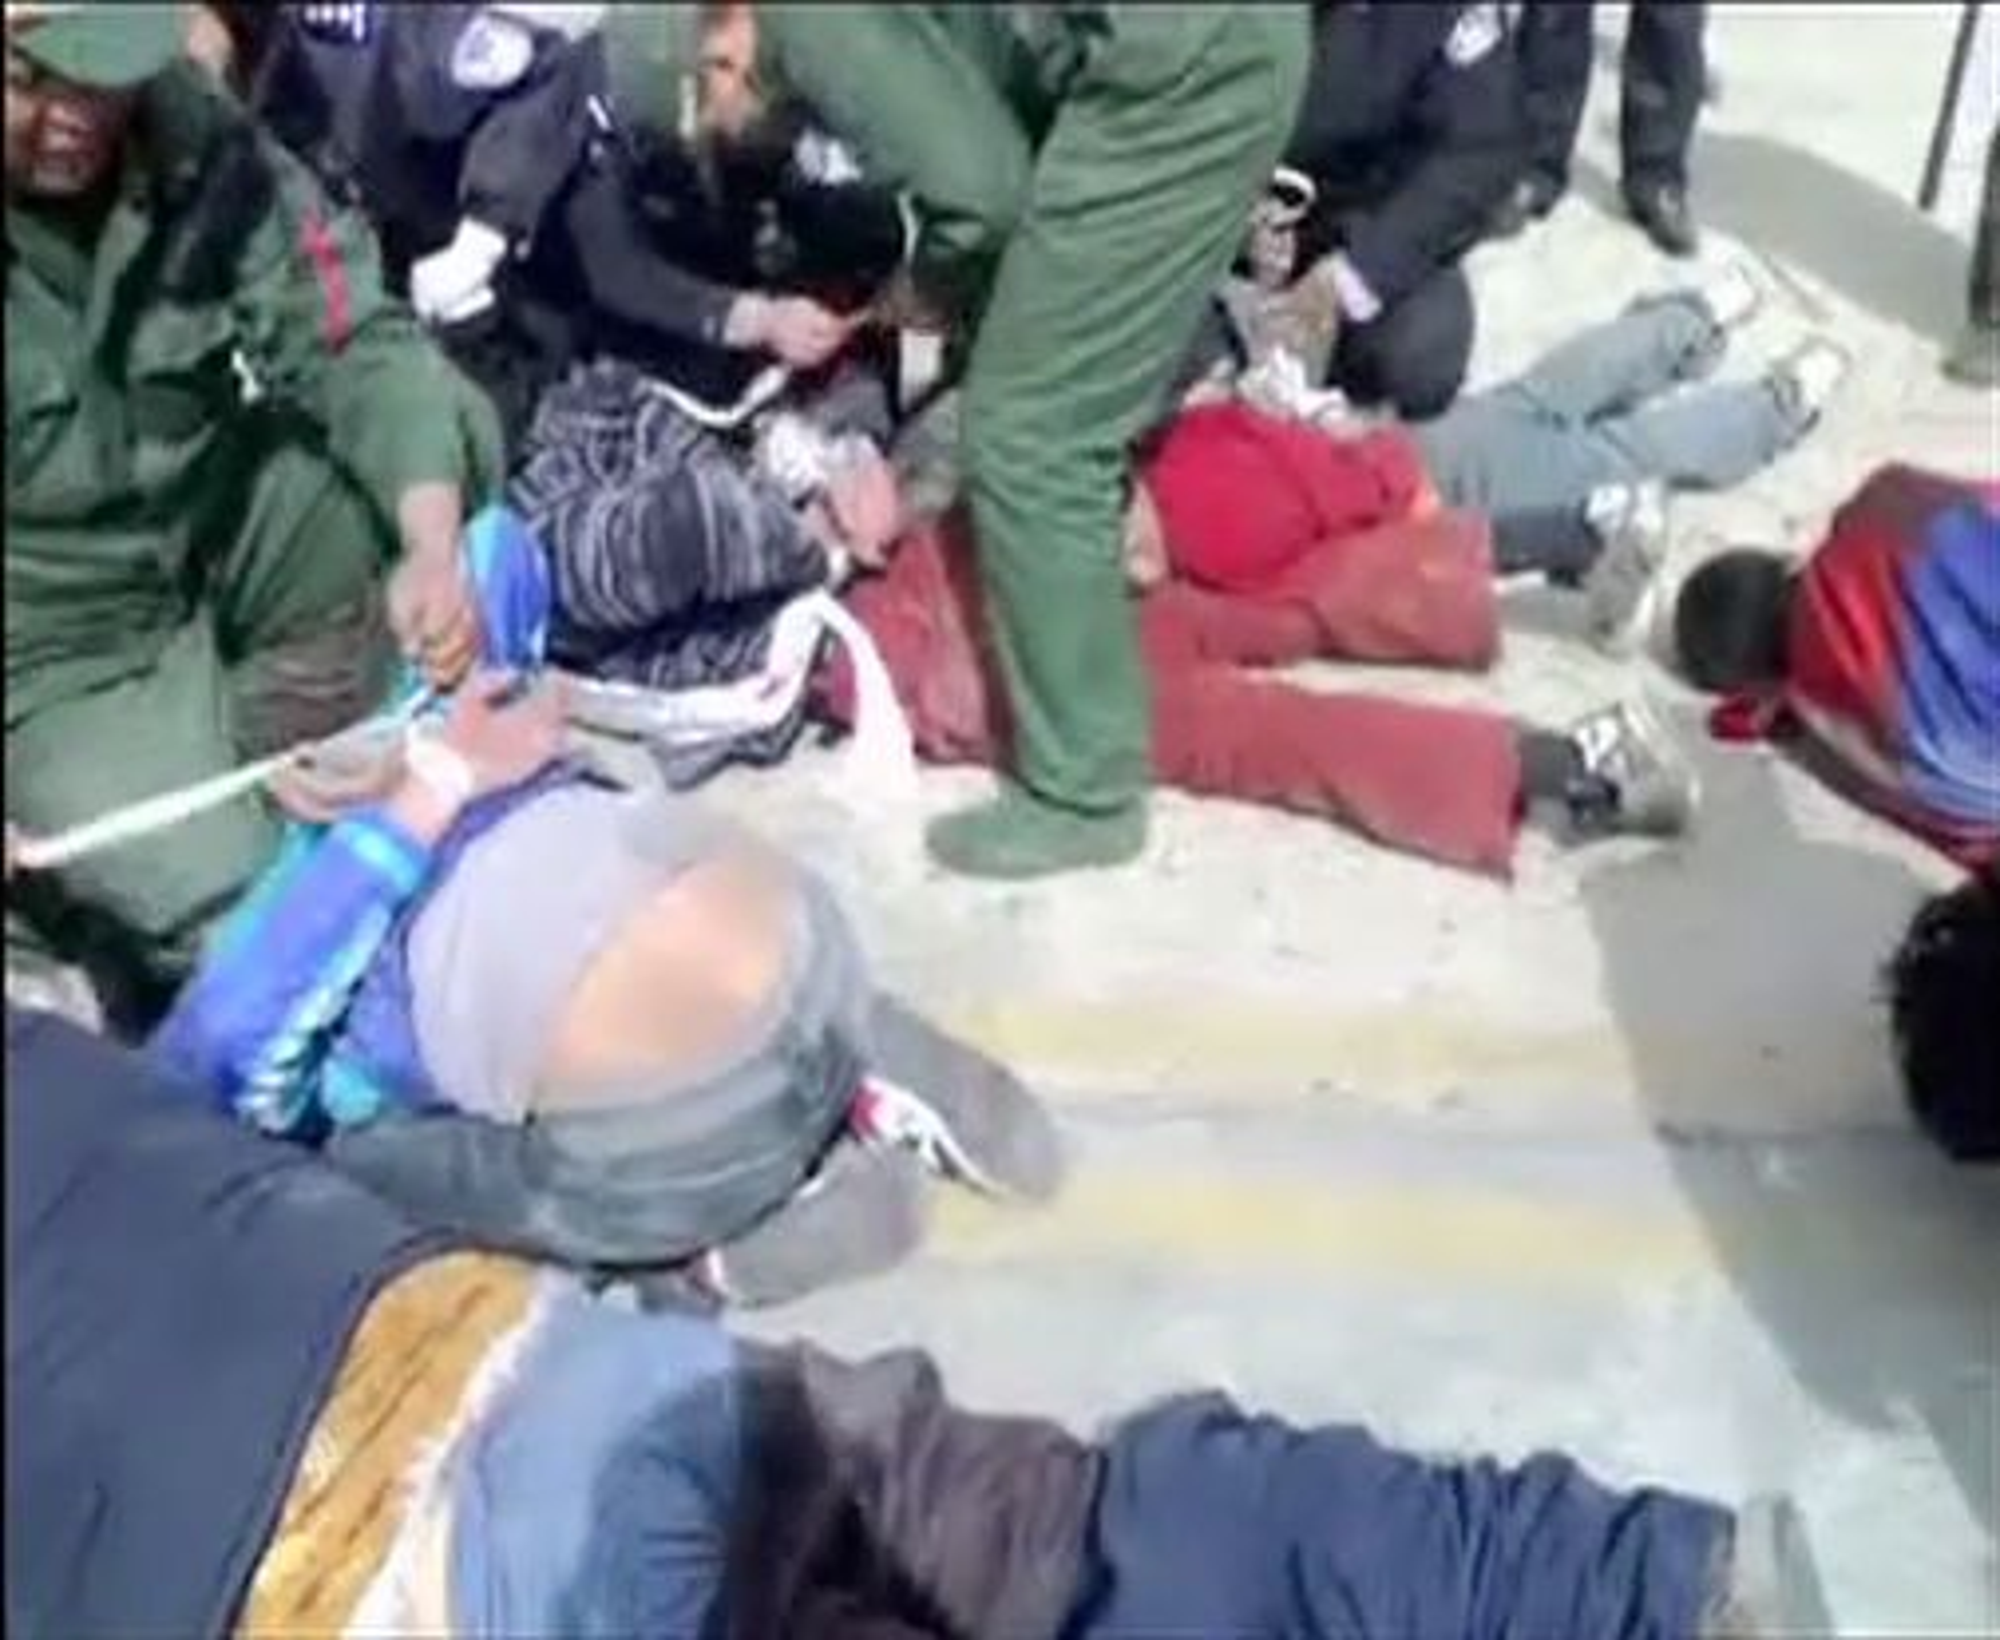 Den tibetanske eksilregjeringen har lagt ut videoer som skal vise mishandling av demonstranter i Tibets hovedstad Lhasa.